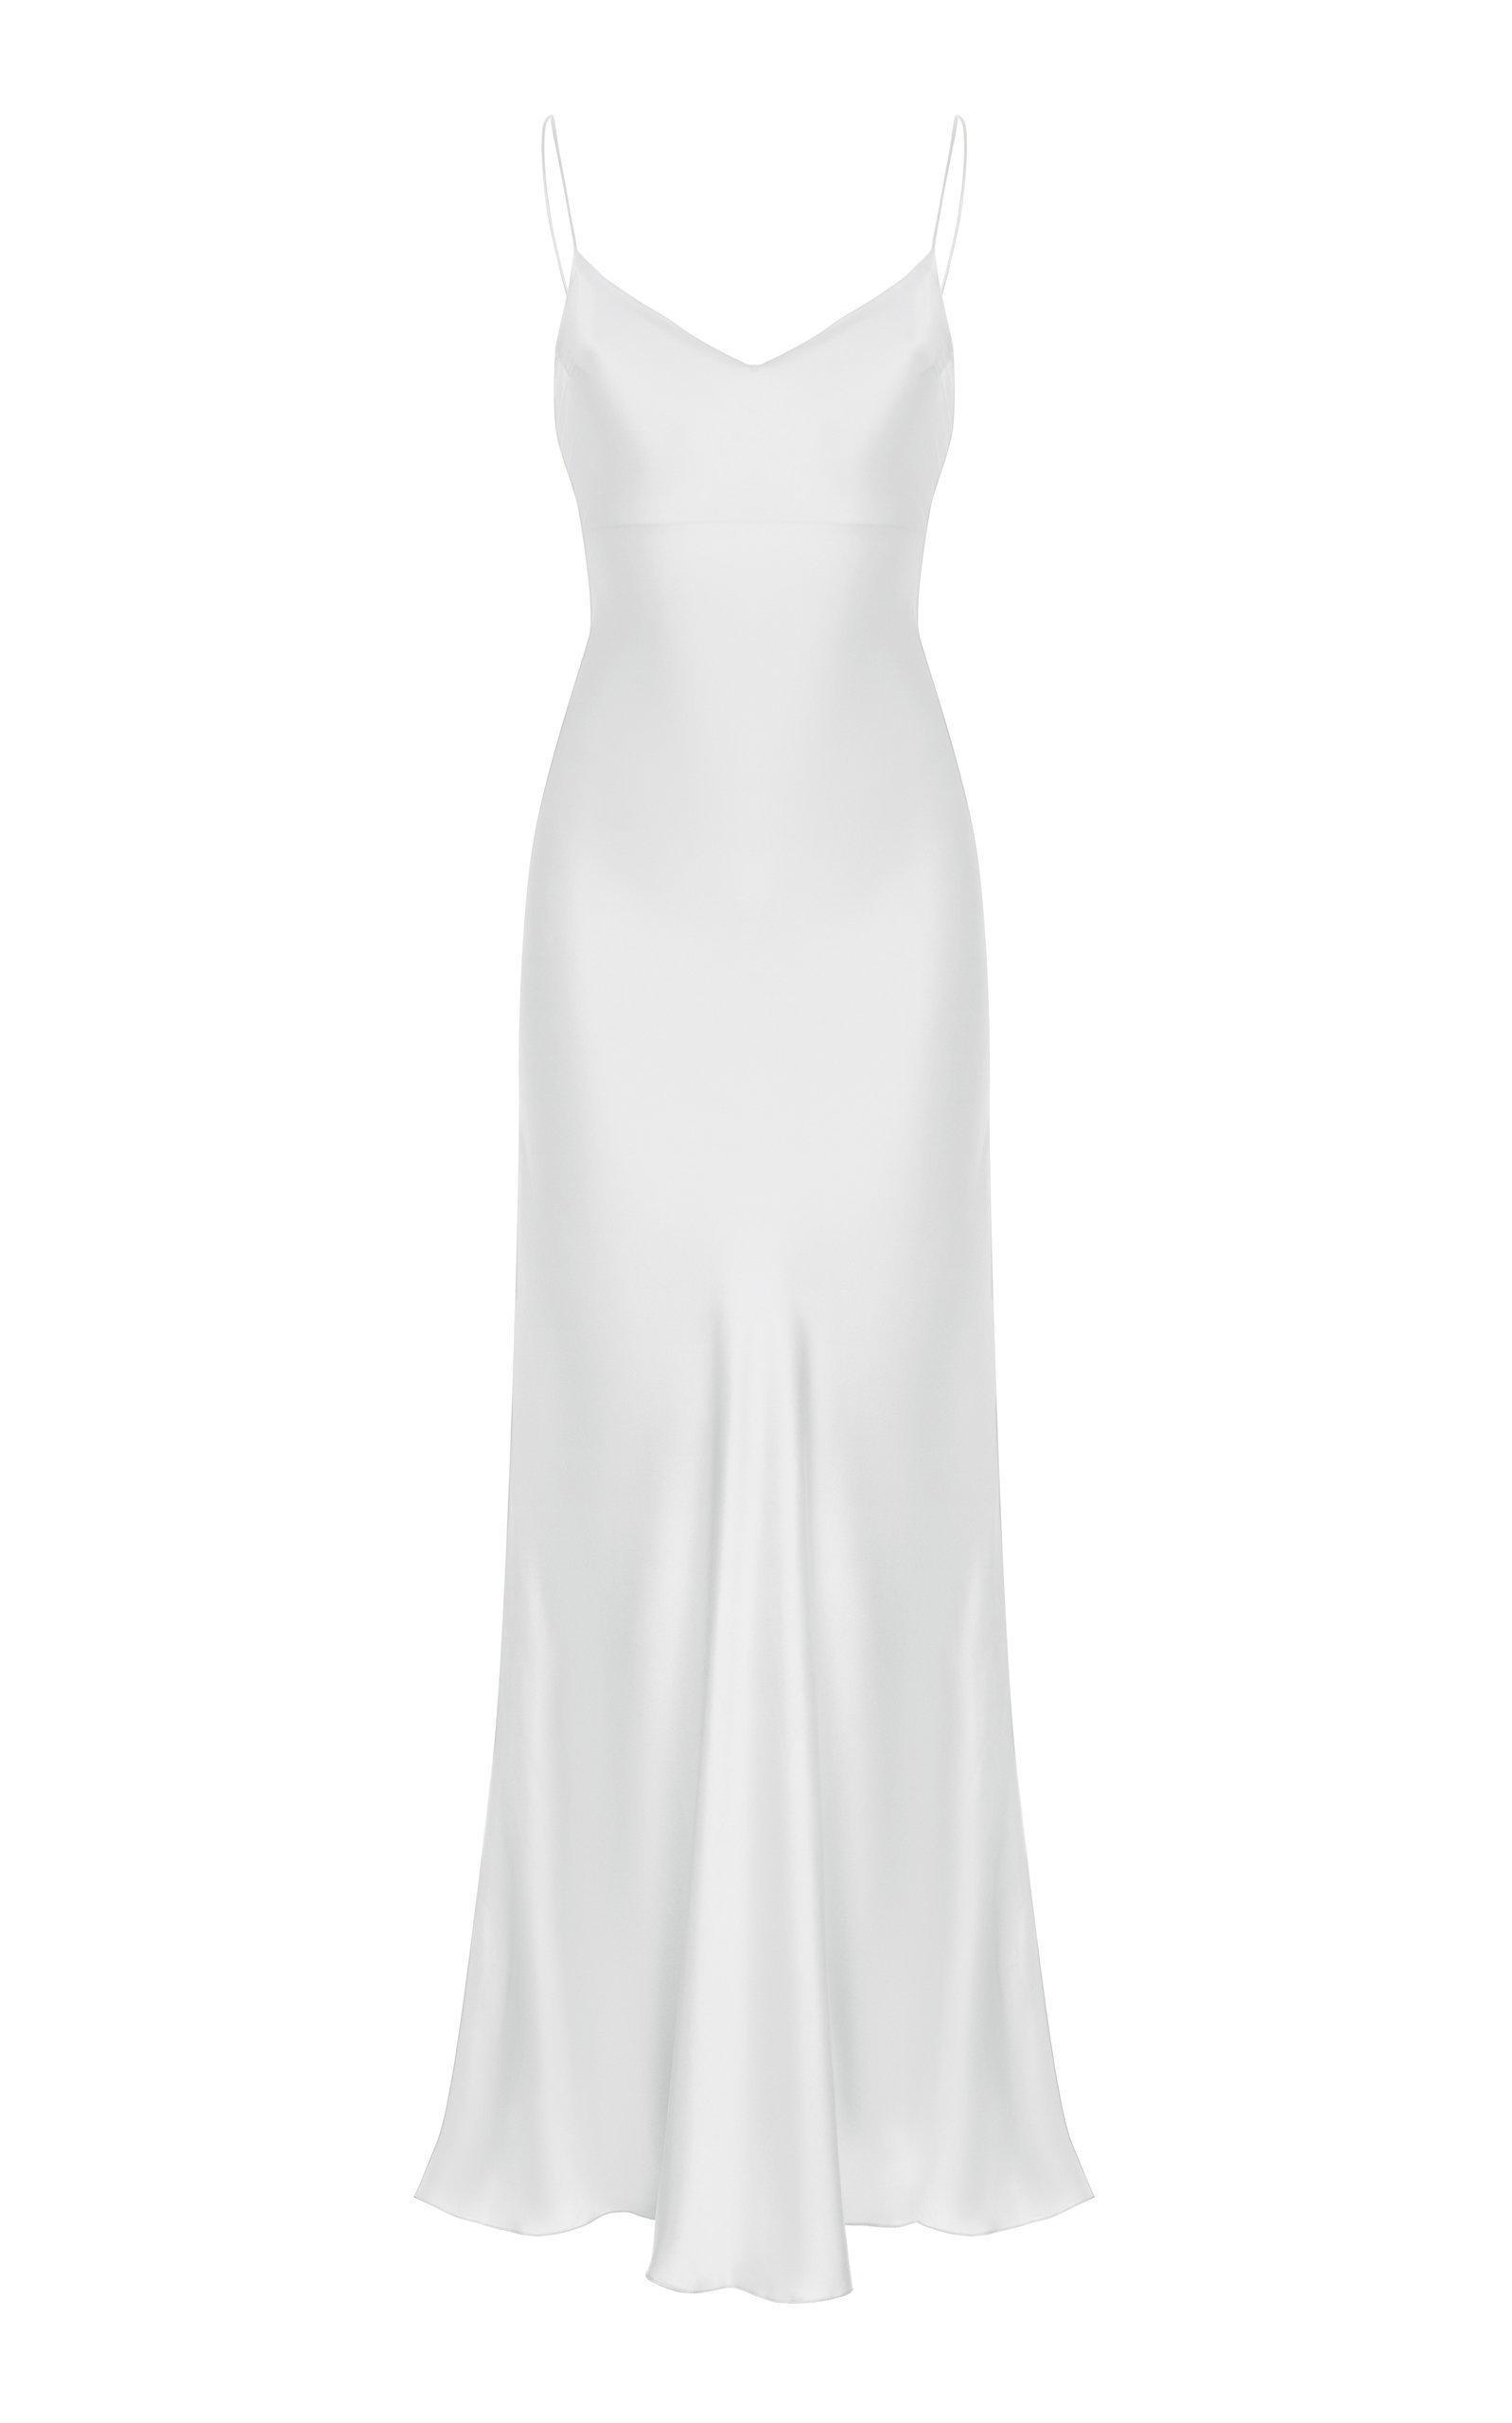 D Silk Sheath Dress In White